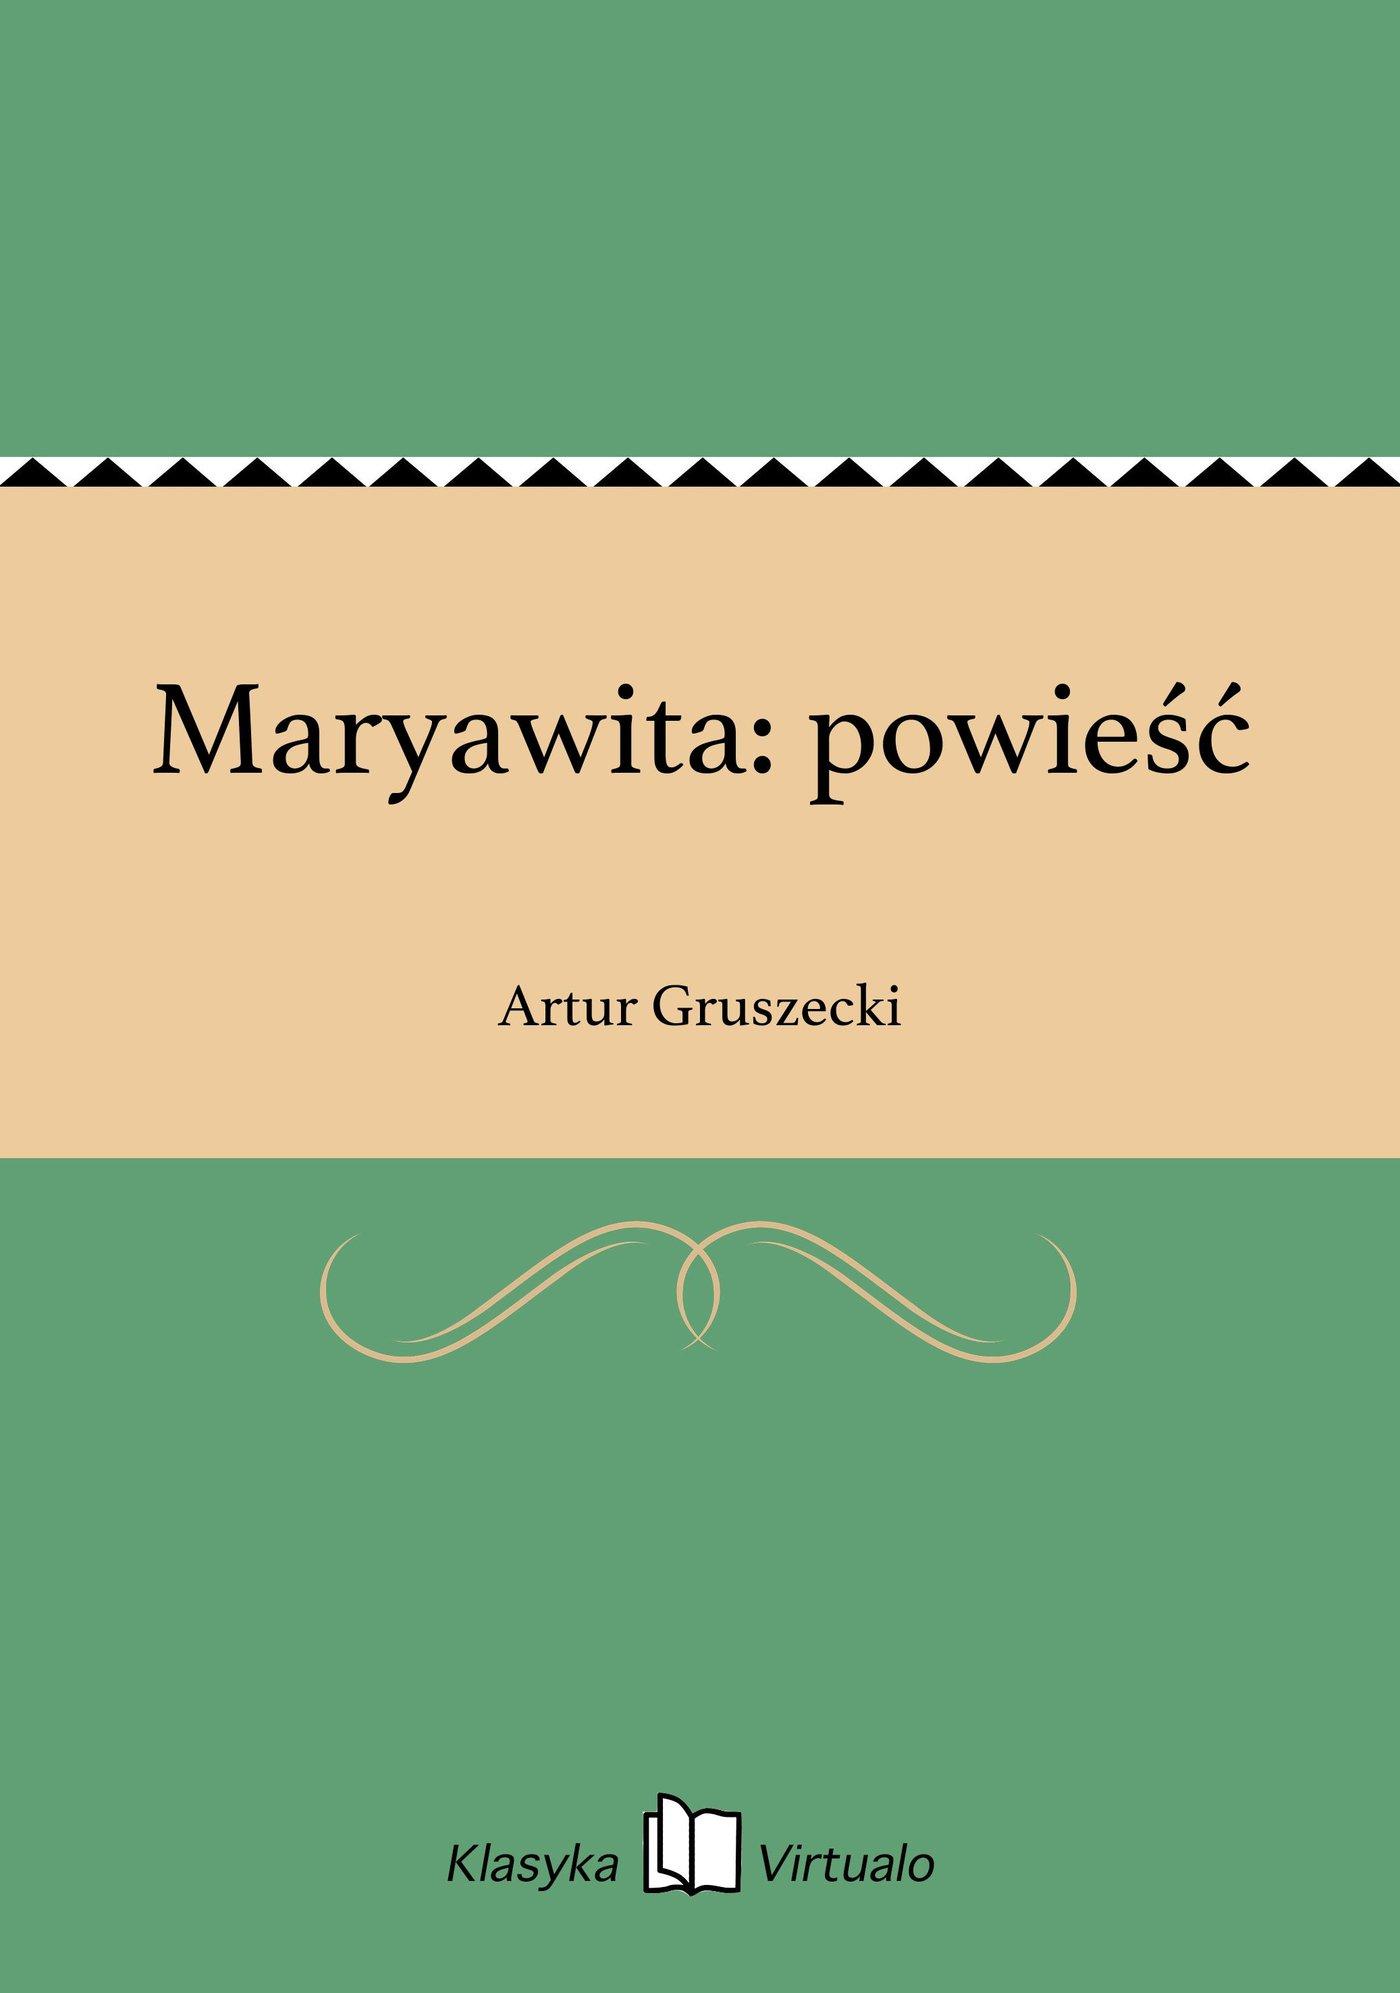 Maryawita: powieść - Ebook (Książka EPUB) do pobrania w formacie EPUB